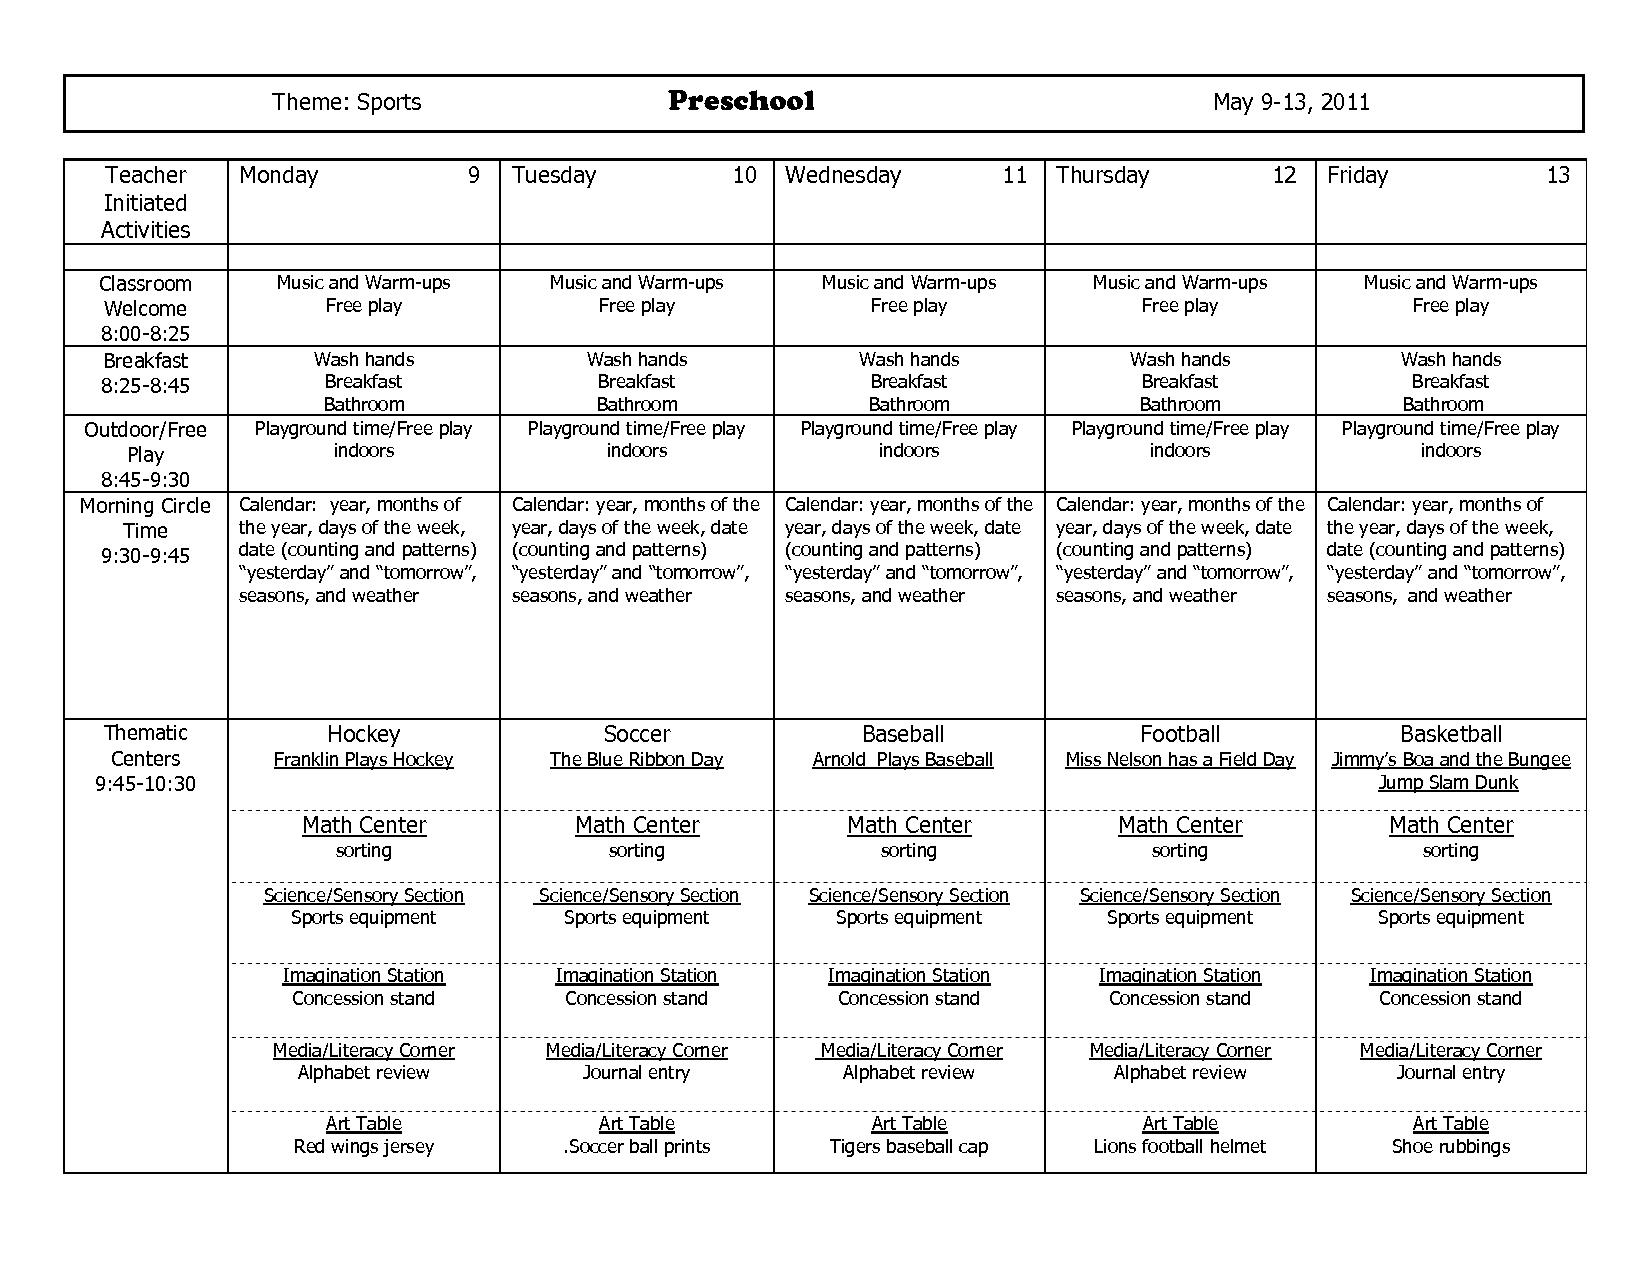 themes units preschool lesson plans theme sports preschool may 9